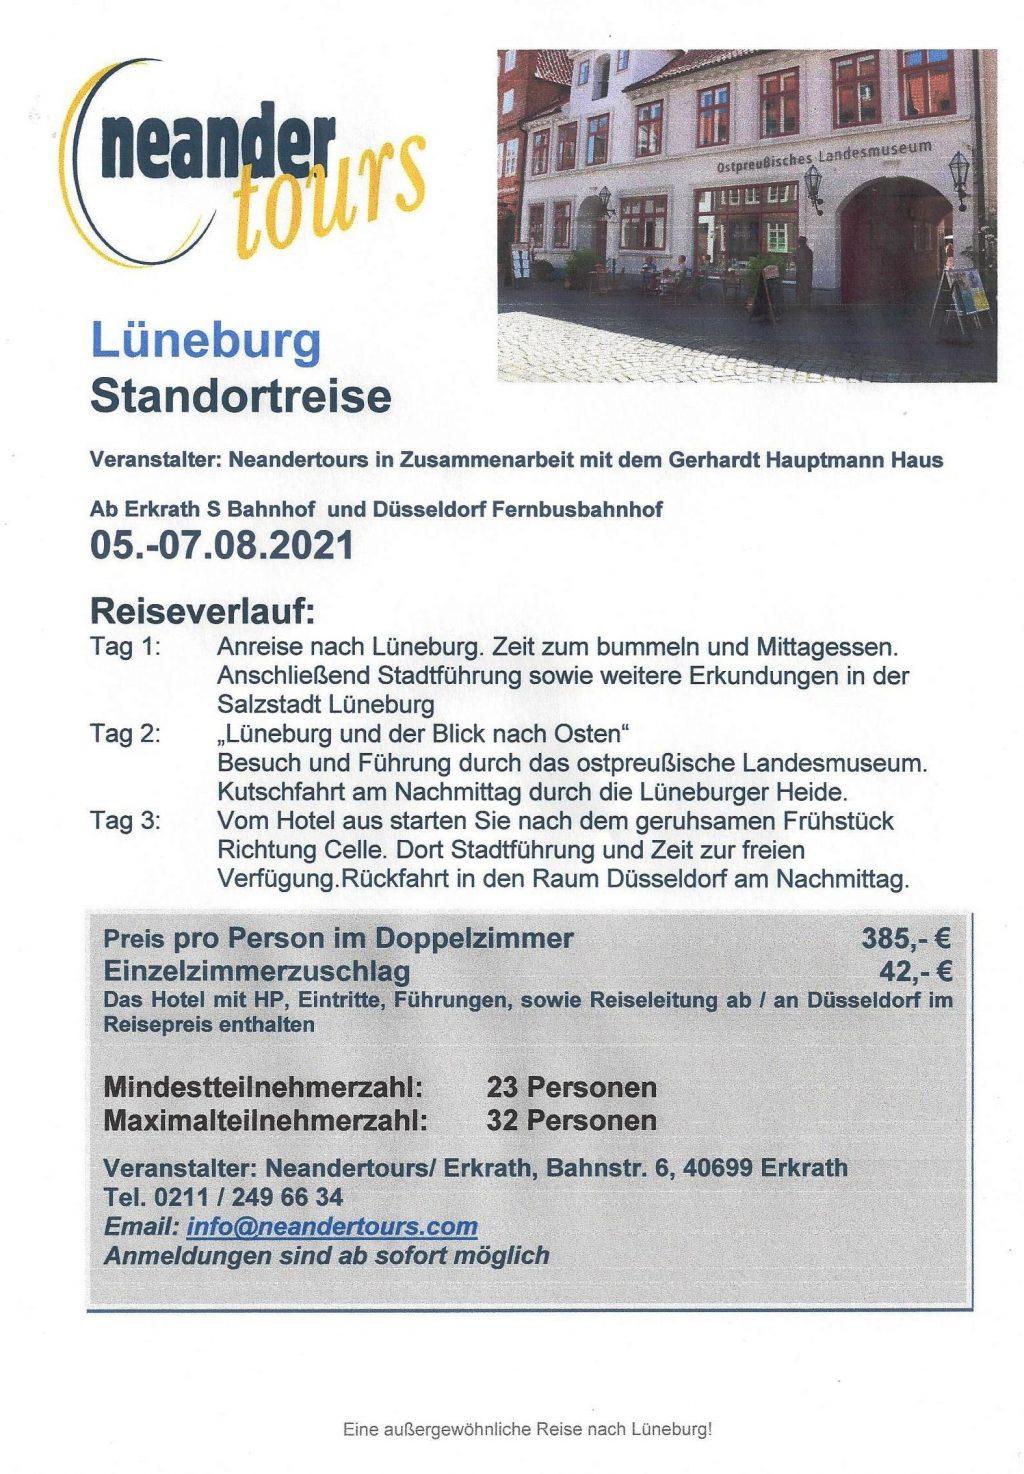 13-Lueneburg